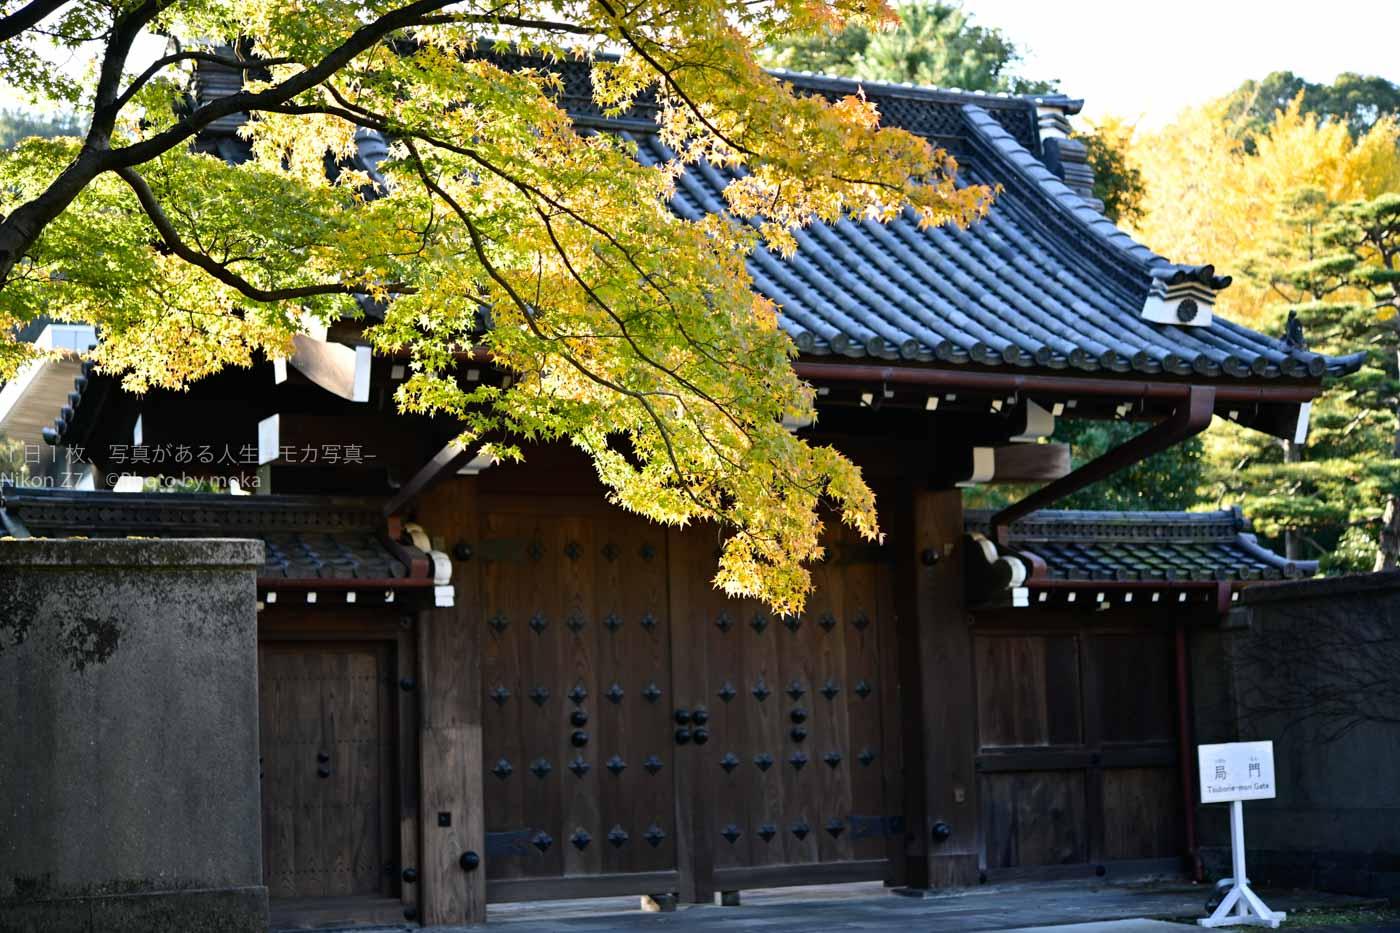 【大奥に一番近い?】普段、見ることができない江戸城の門「局門」